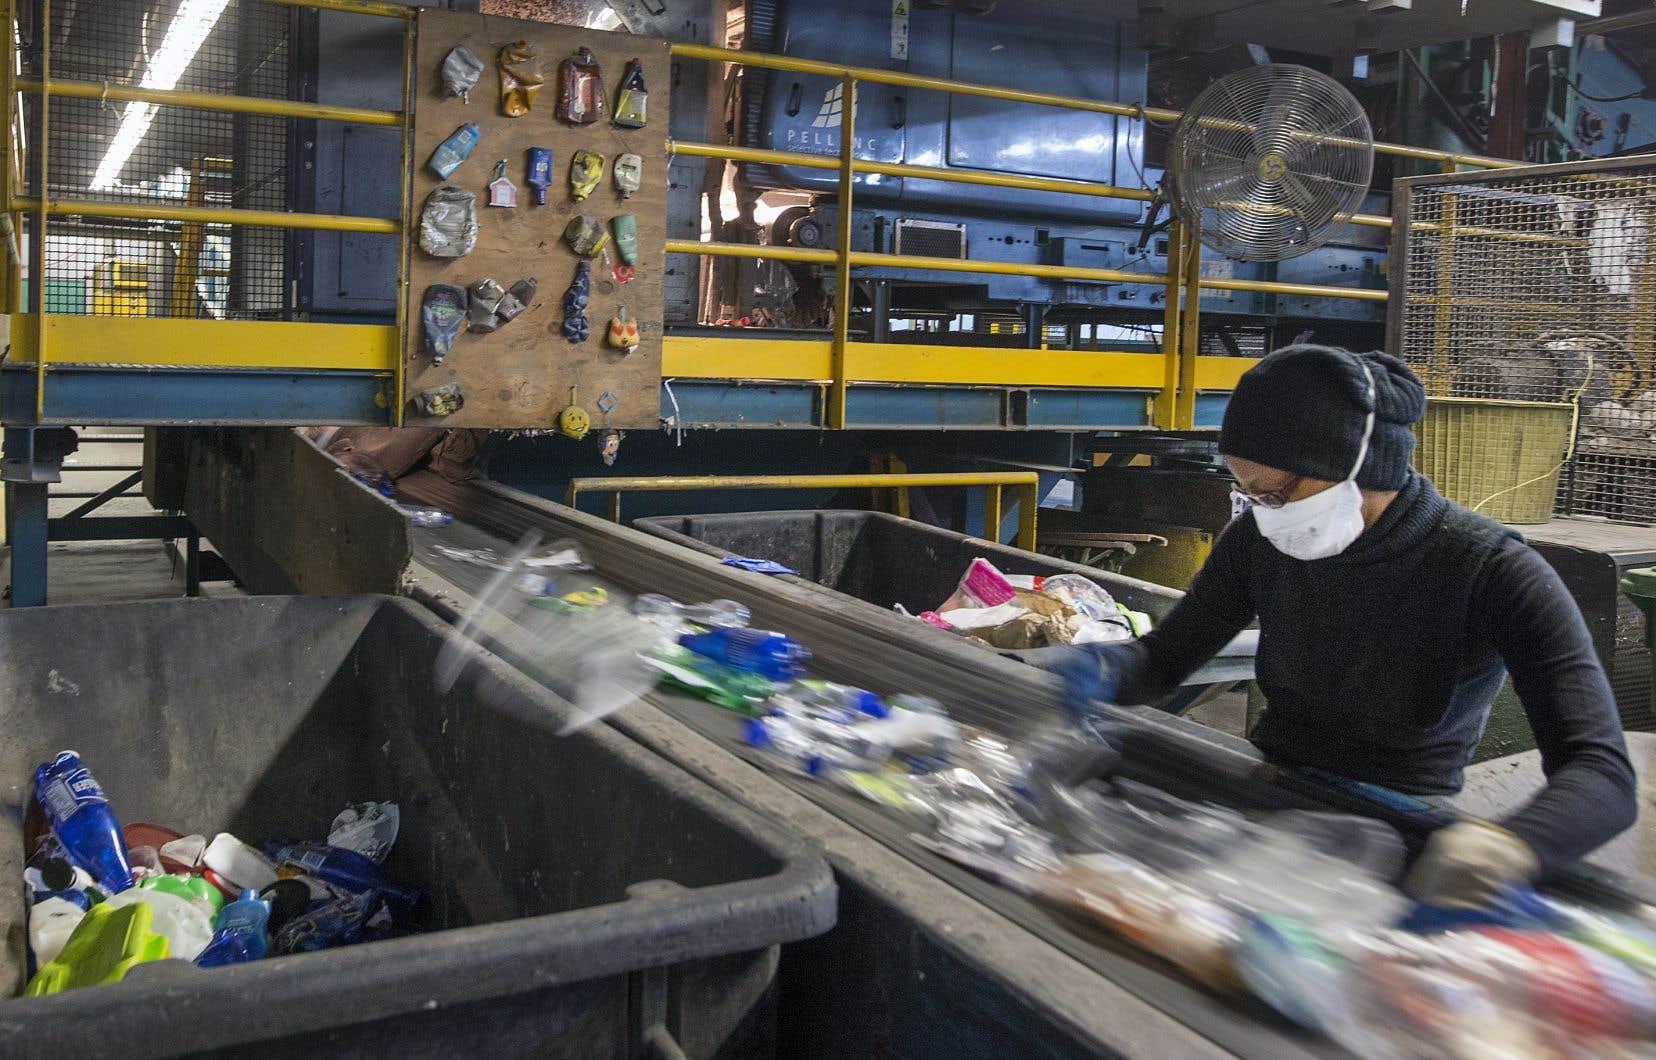 La ministre Catherine McKenna se dit impatiente de collaborer avec ses homologues du G7 «pour veiller à ce que les plastiques soient réutilisés et recyclés judicieusement».